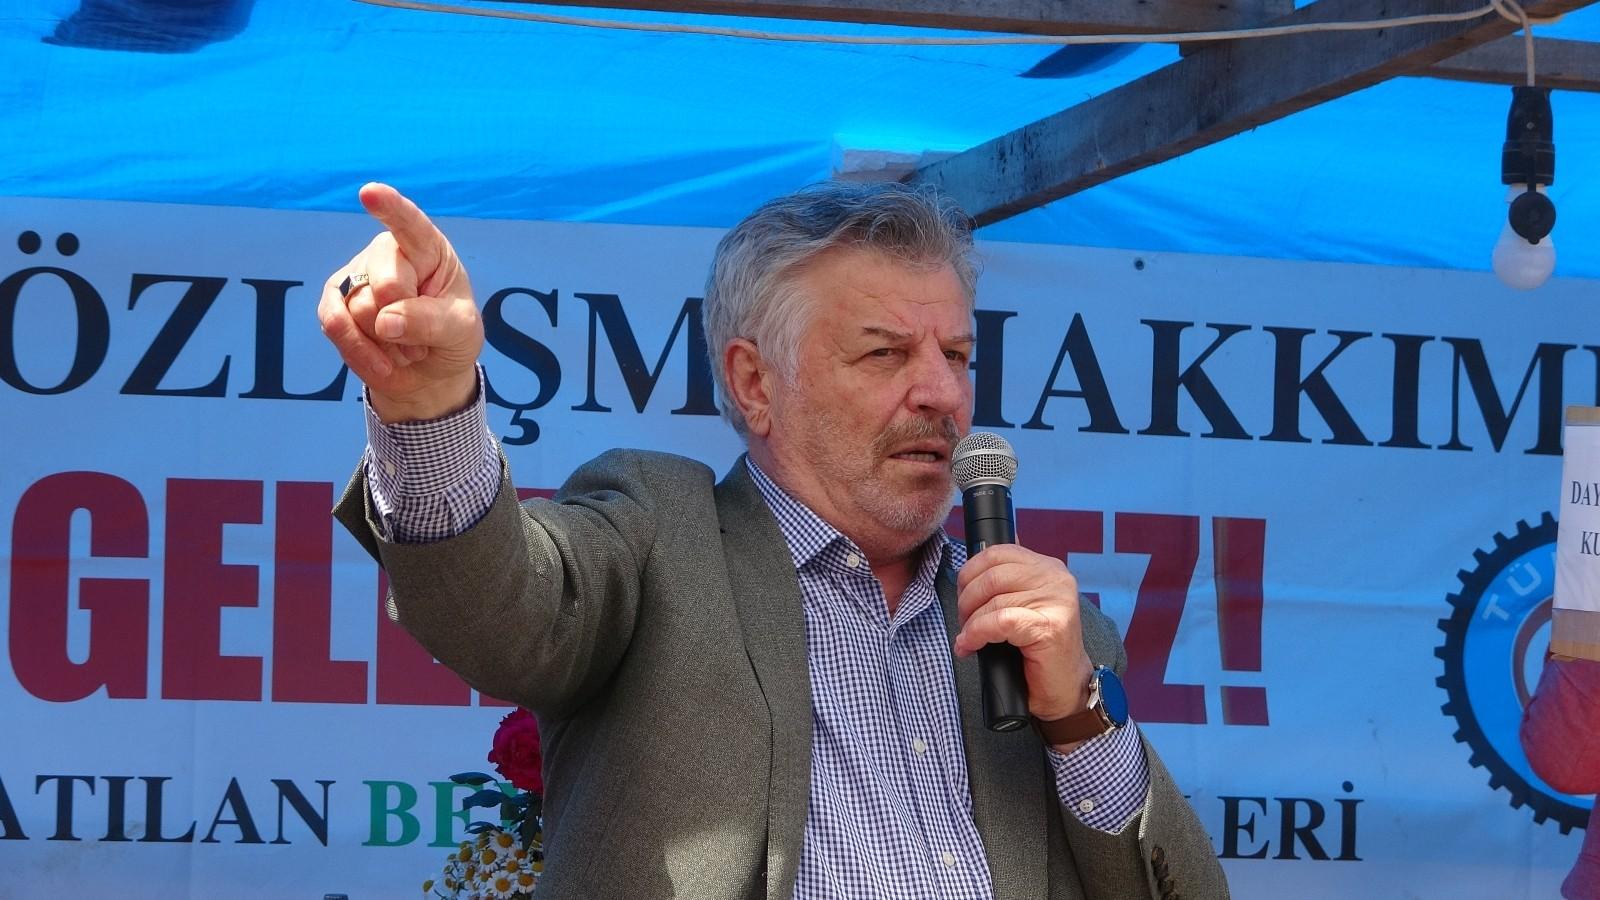 Tek Gıda İş Sendikası Genel Başkanı Mustafa Türkel, Fransız peynir devine Cargill'i hatırlattı